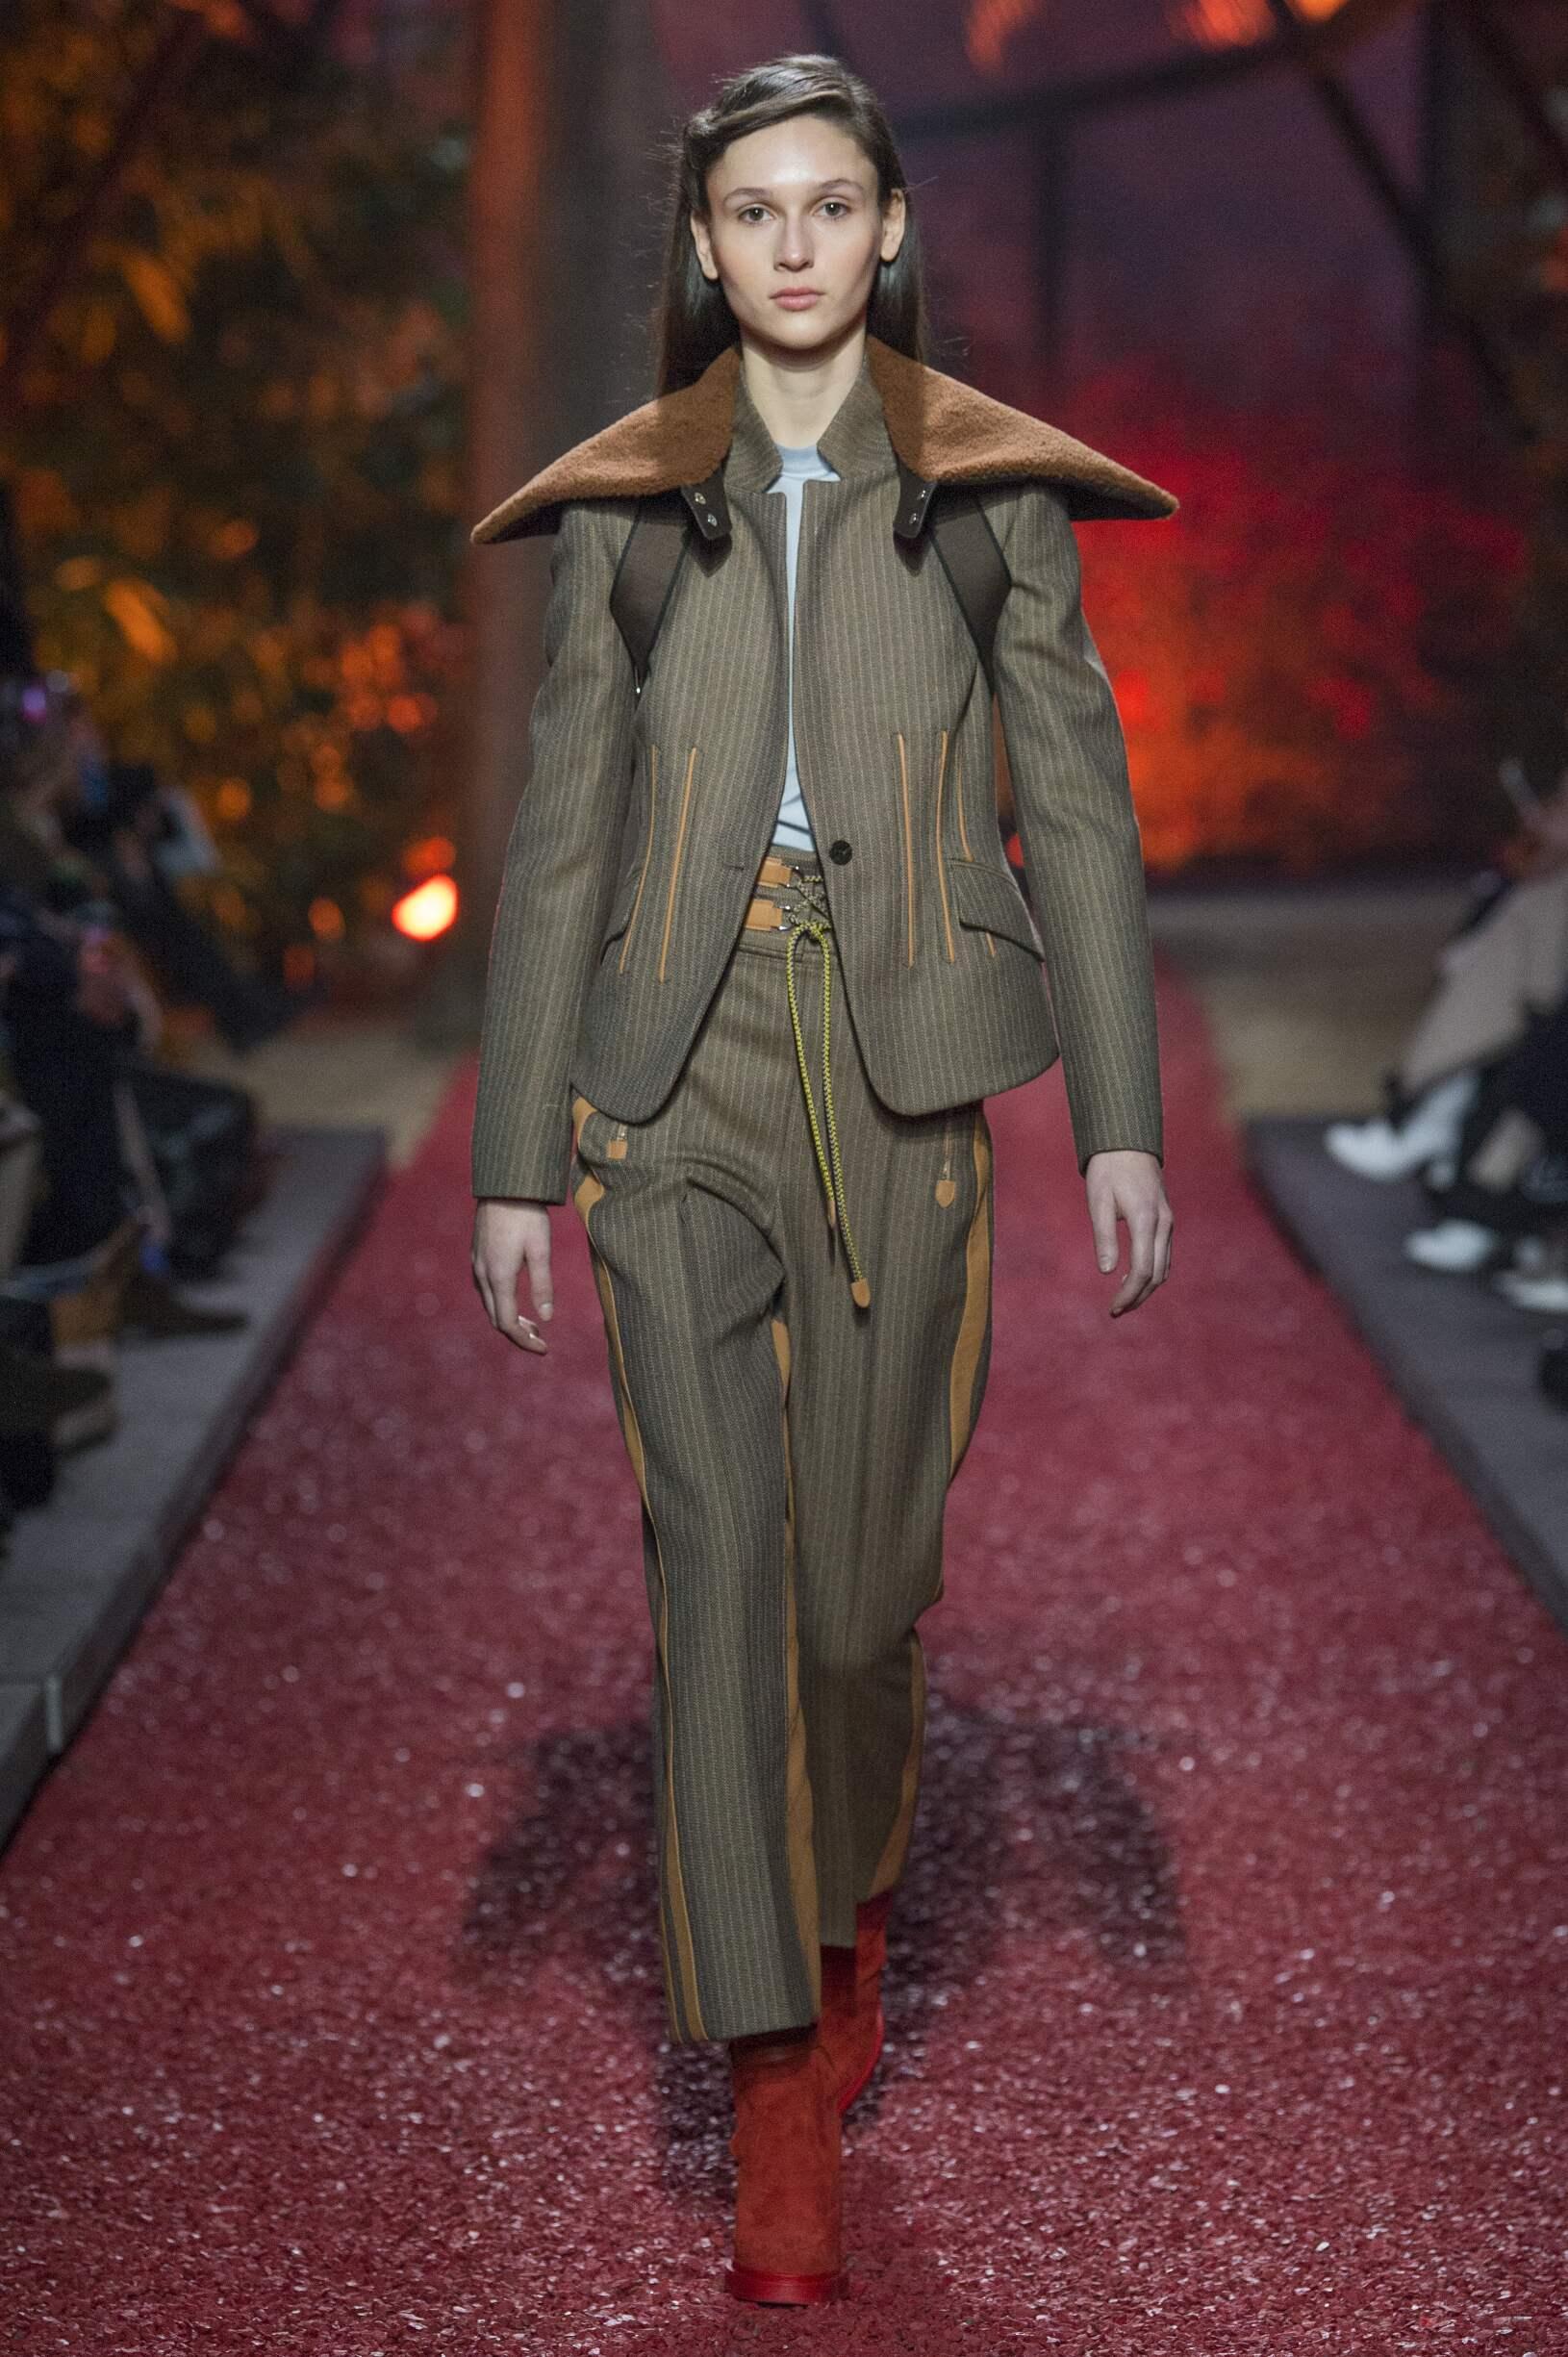 2018 Catwalk Hermès Woman Fashion Show Winter